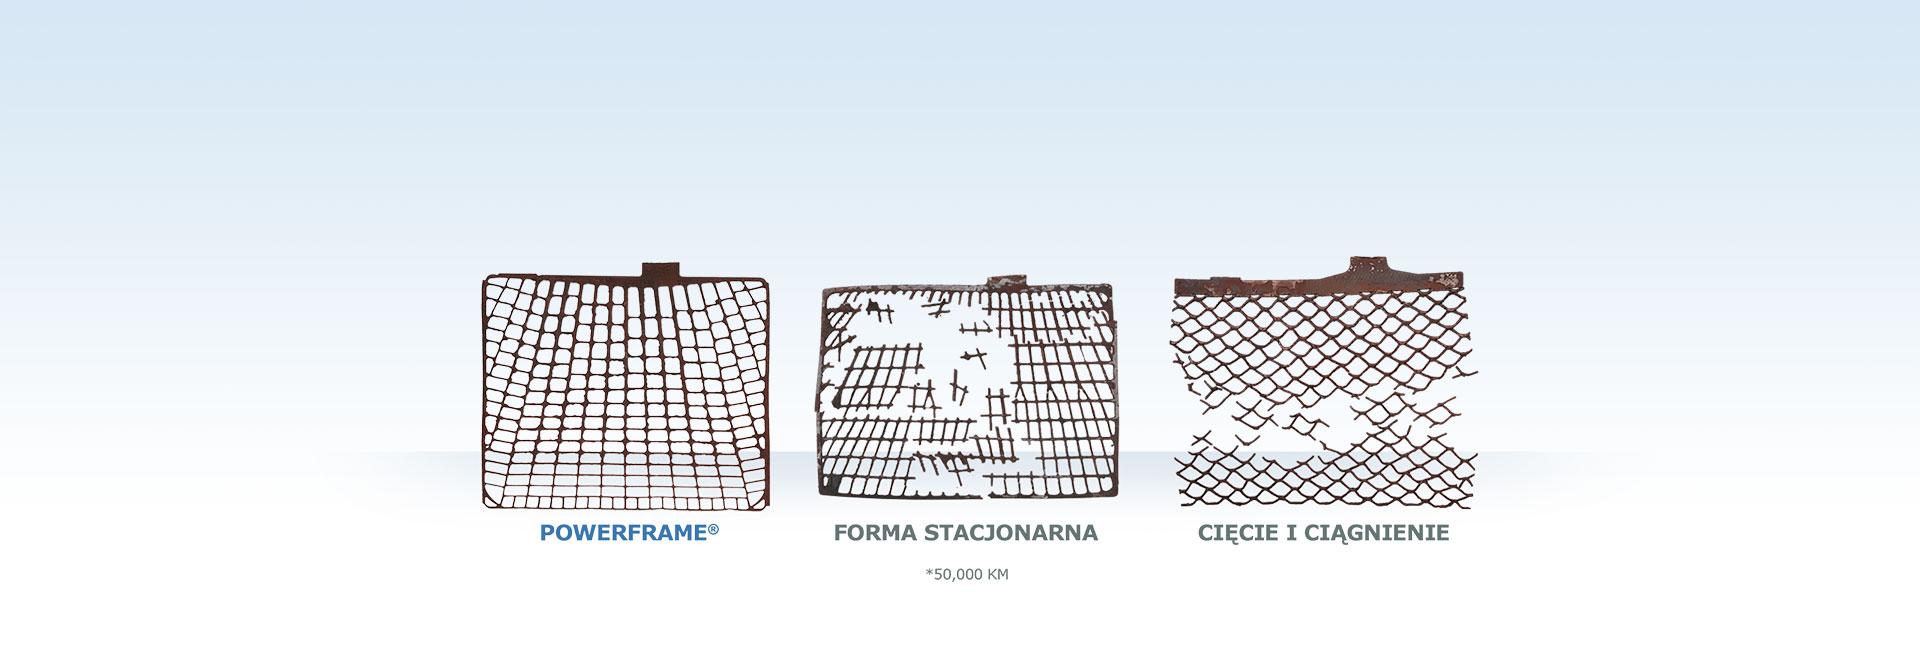 Porównaj osiągi kratek w technologii PowerFrame z osiągami innych kratek w czasie